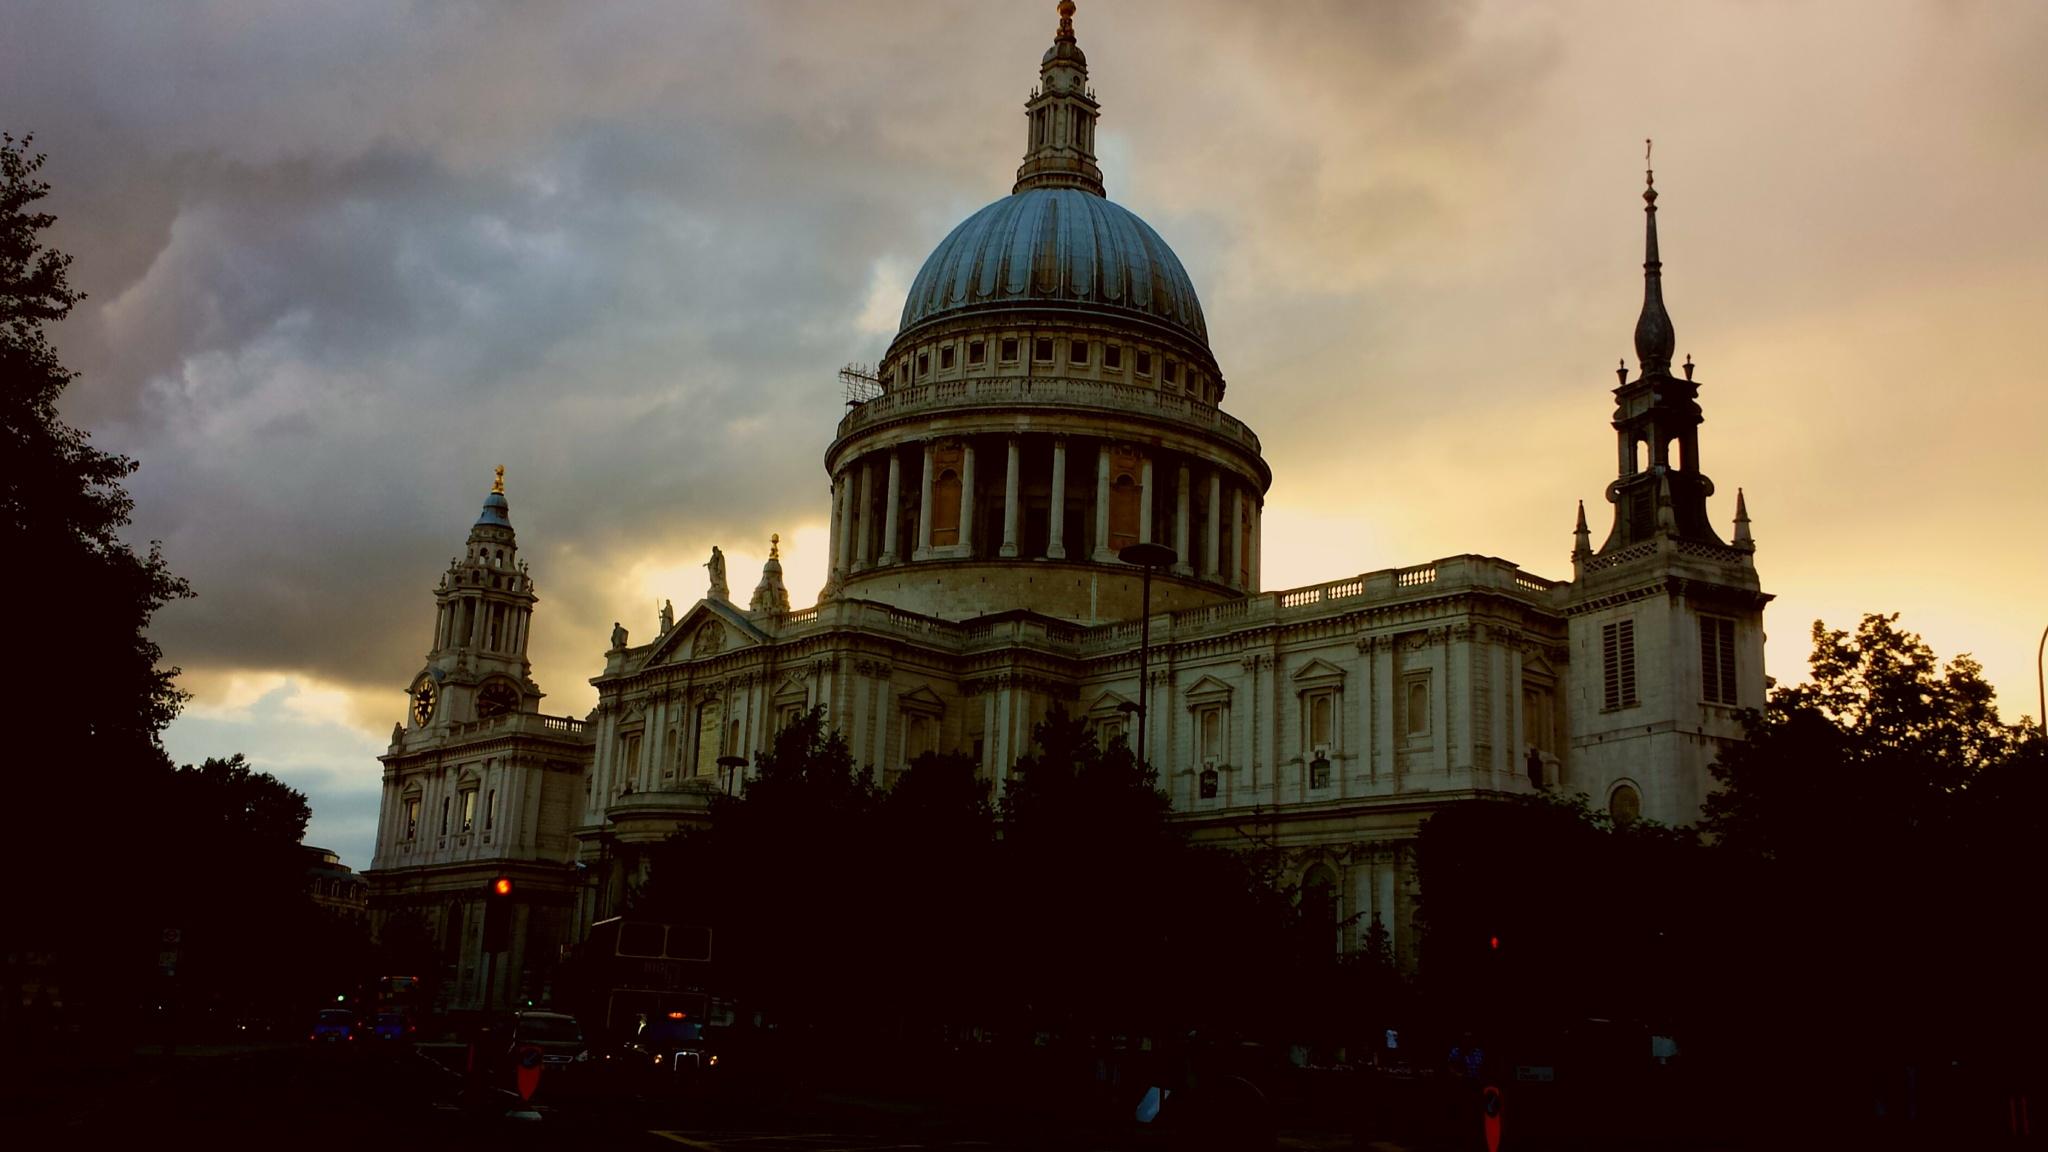 London St pauls by Narinder Johal